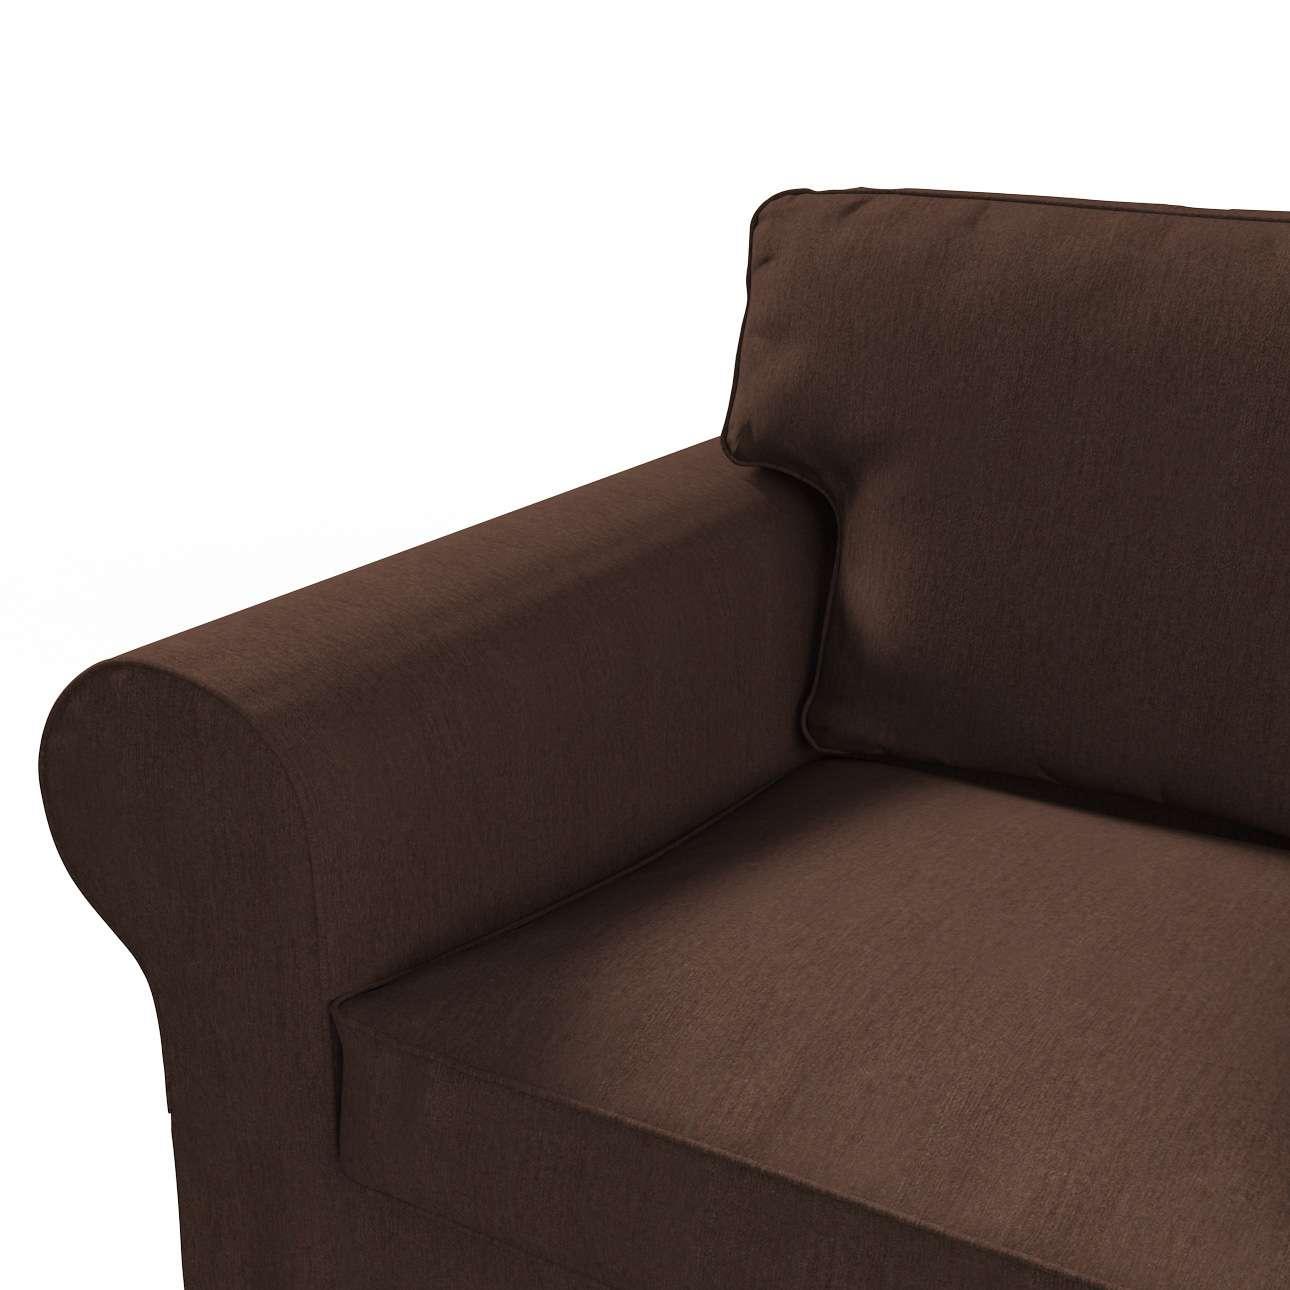 Pokrowiec na sofę Ektorp 2-osobową rozkładaną, model po 2012 w kolekcji Chenille, tkanina: 702-18